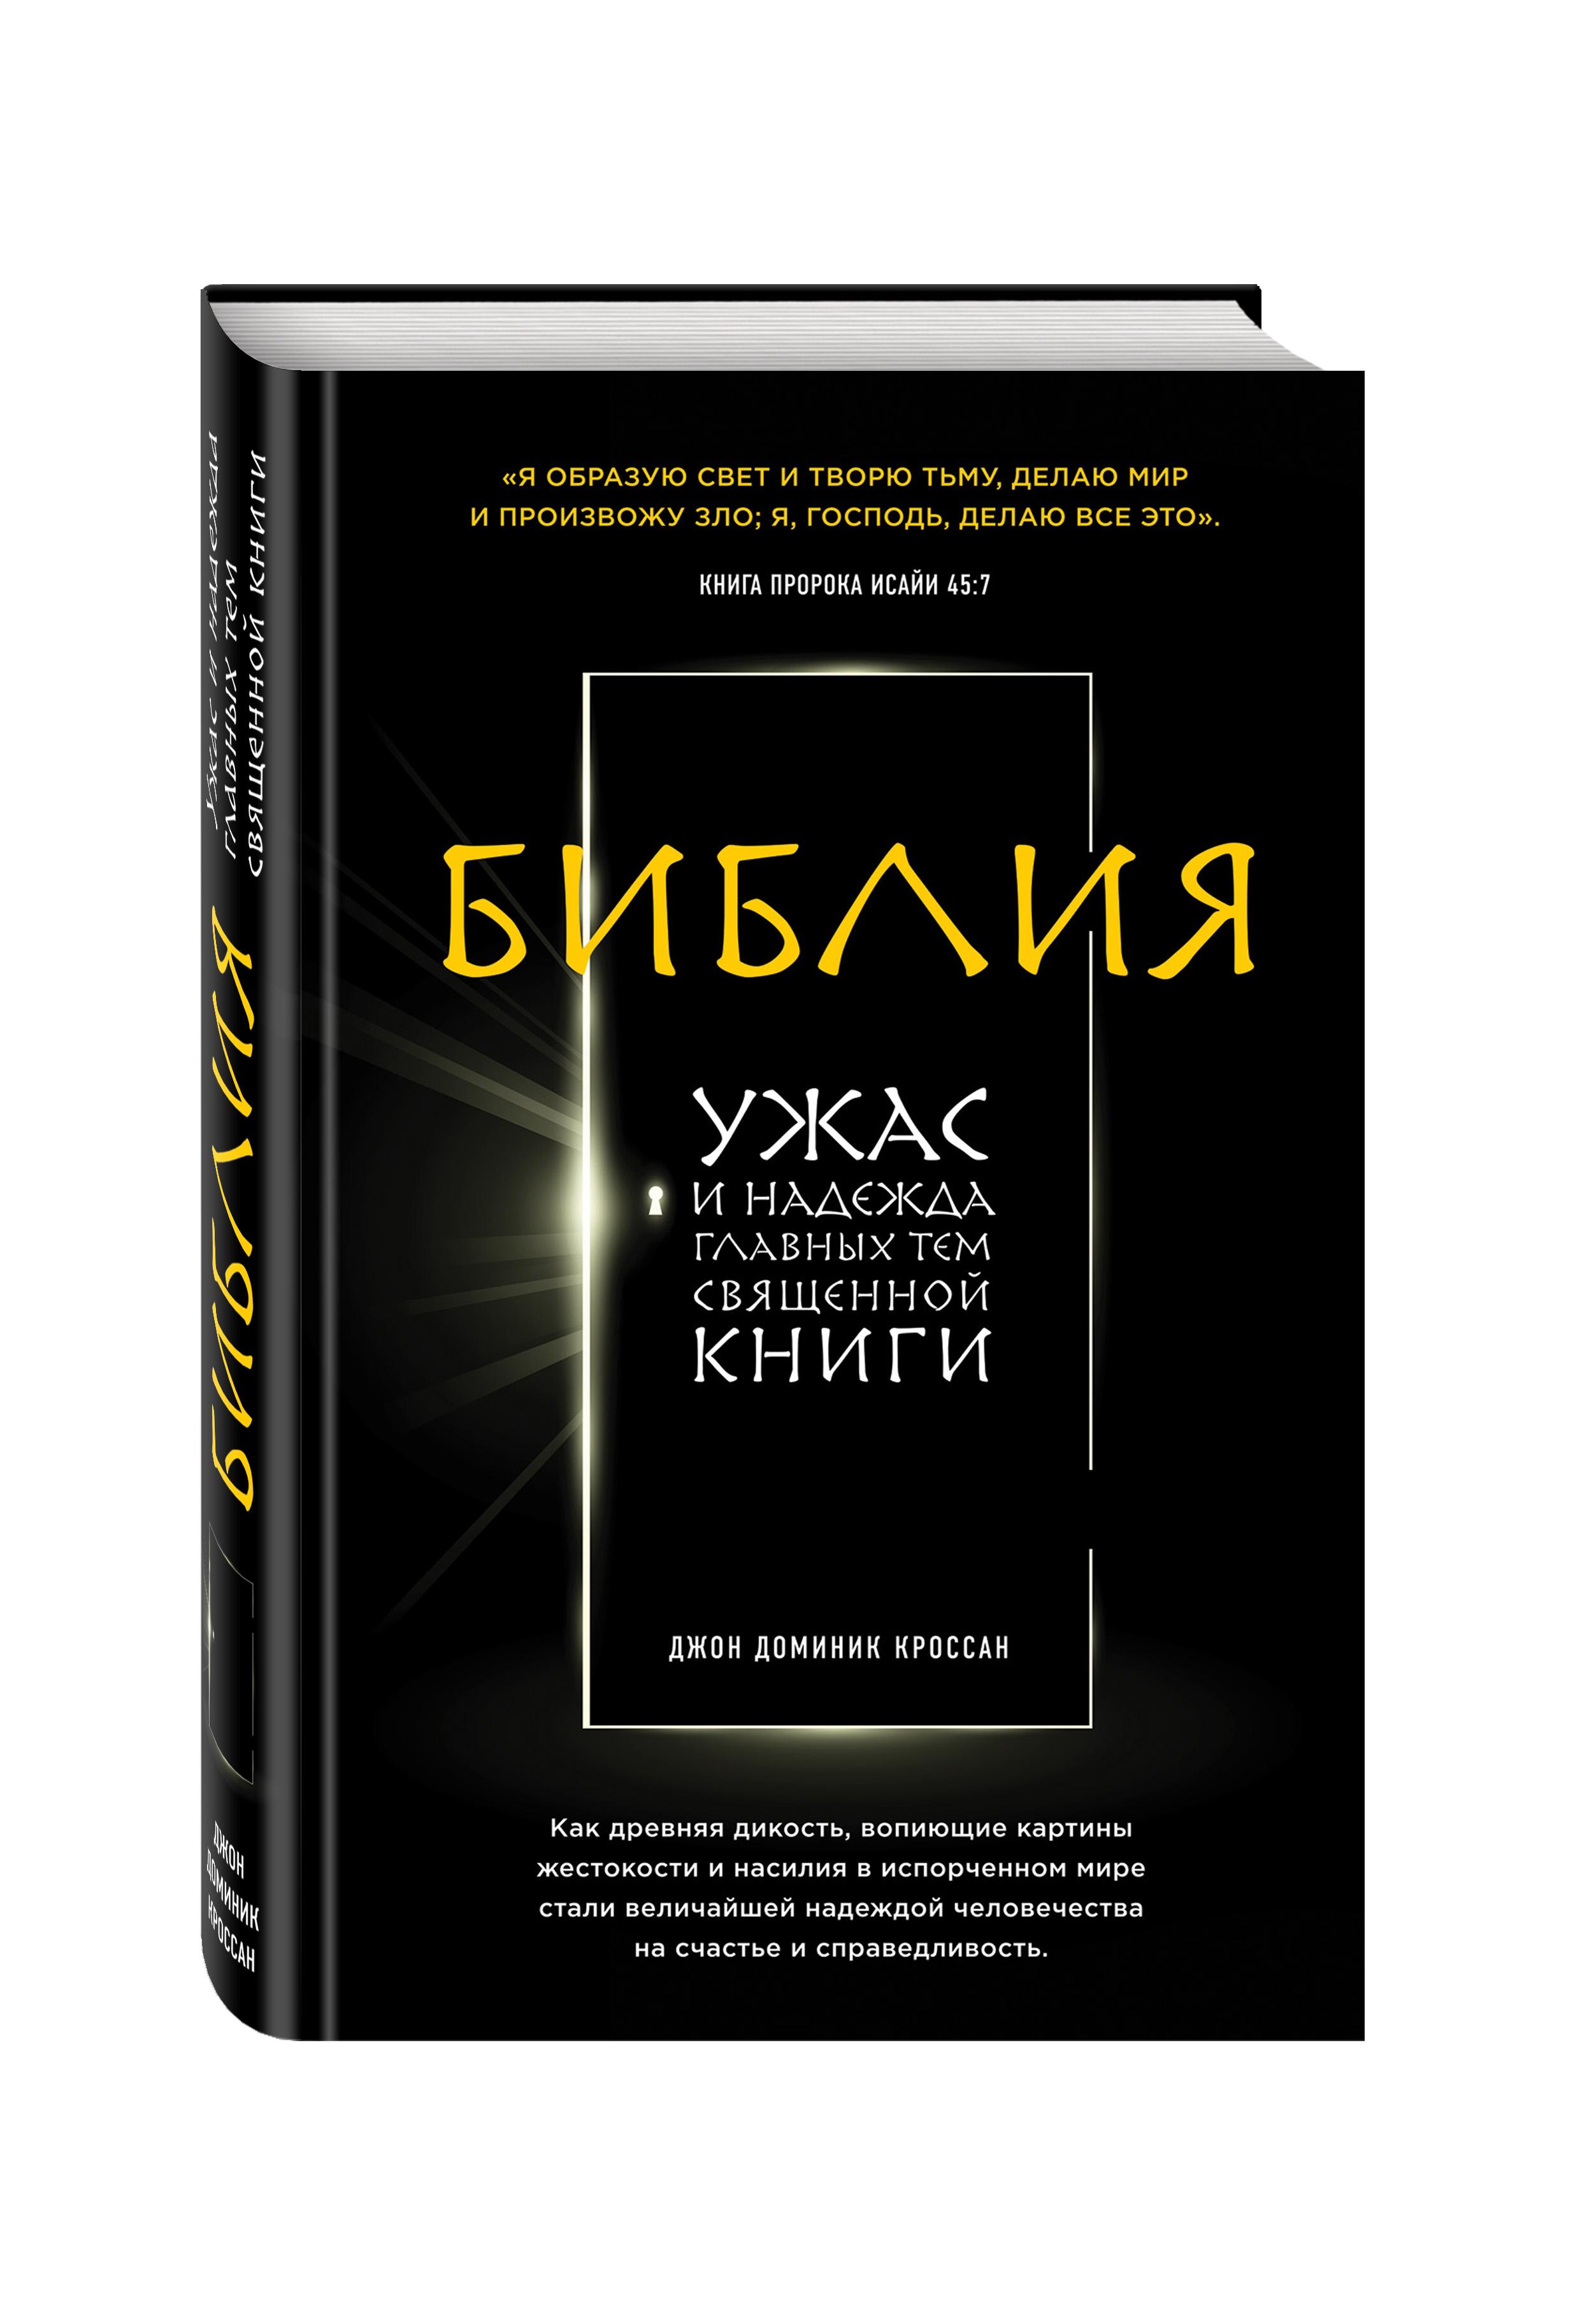 Кроссан Д.Д. Библия. Ужас и надежда главных тем священной книги дикость 4 оргия